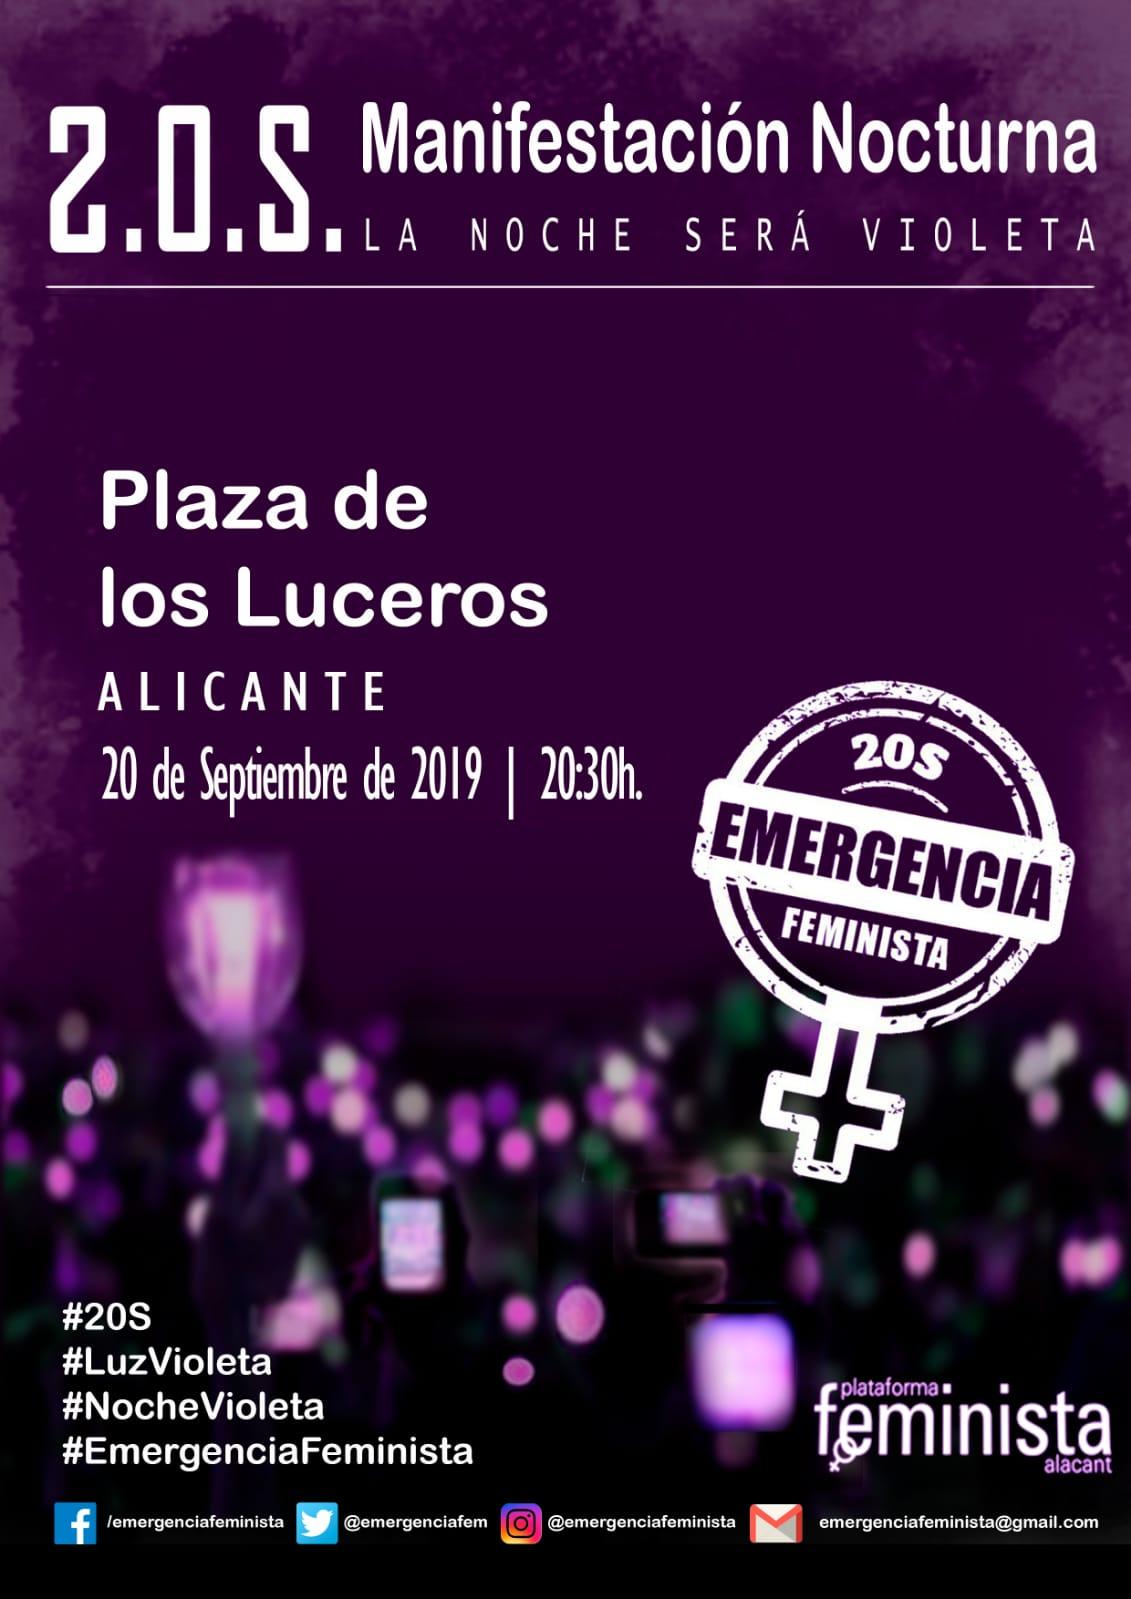 MANIFESTACIÓN LUCES VIOLETAS DE EMERGENCIA FEMINISTA